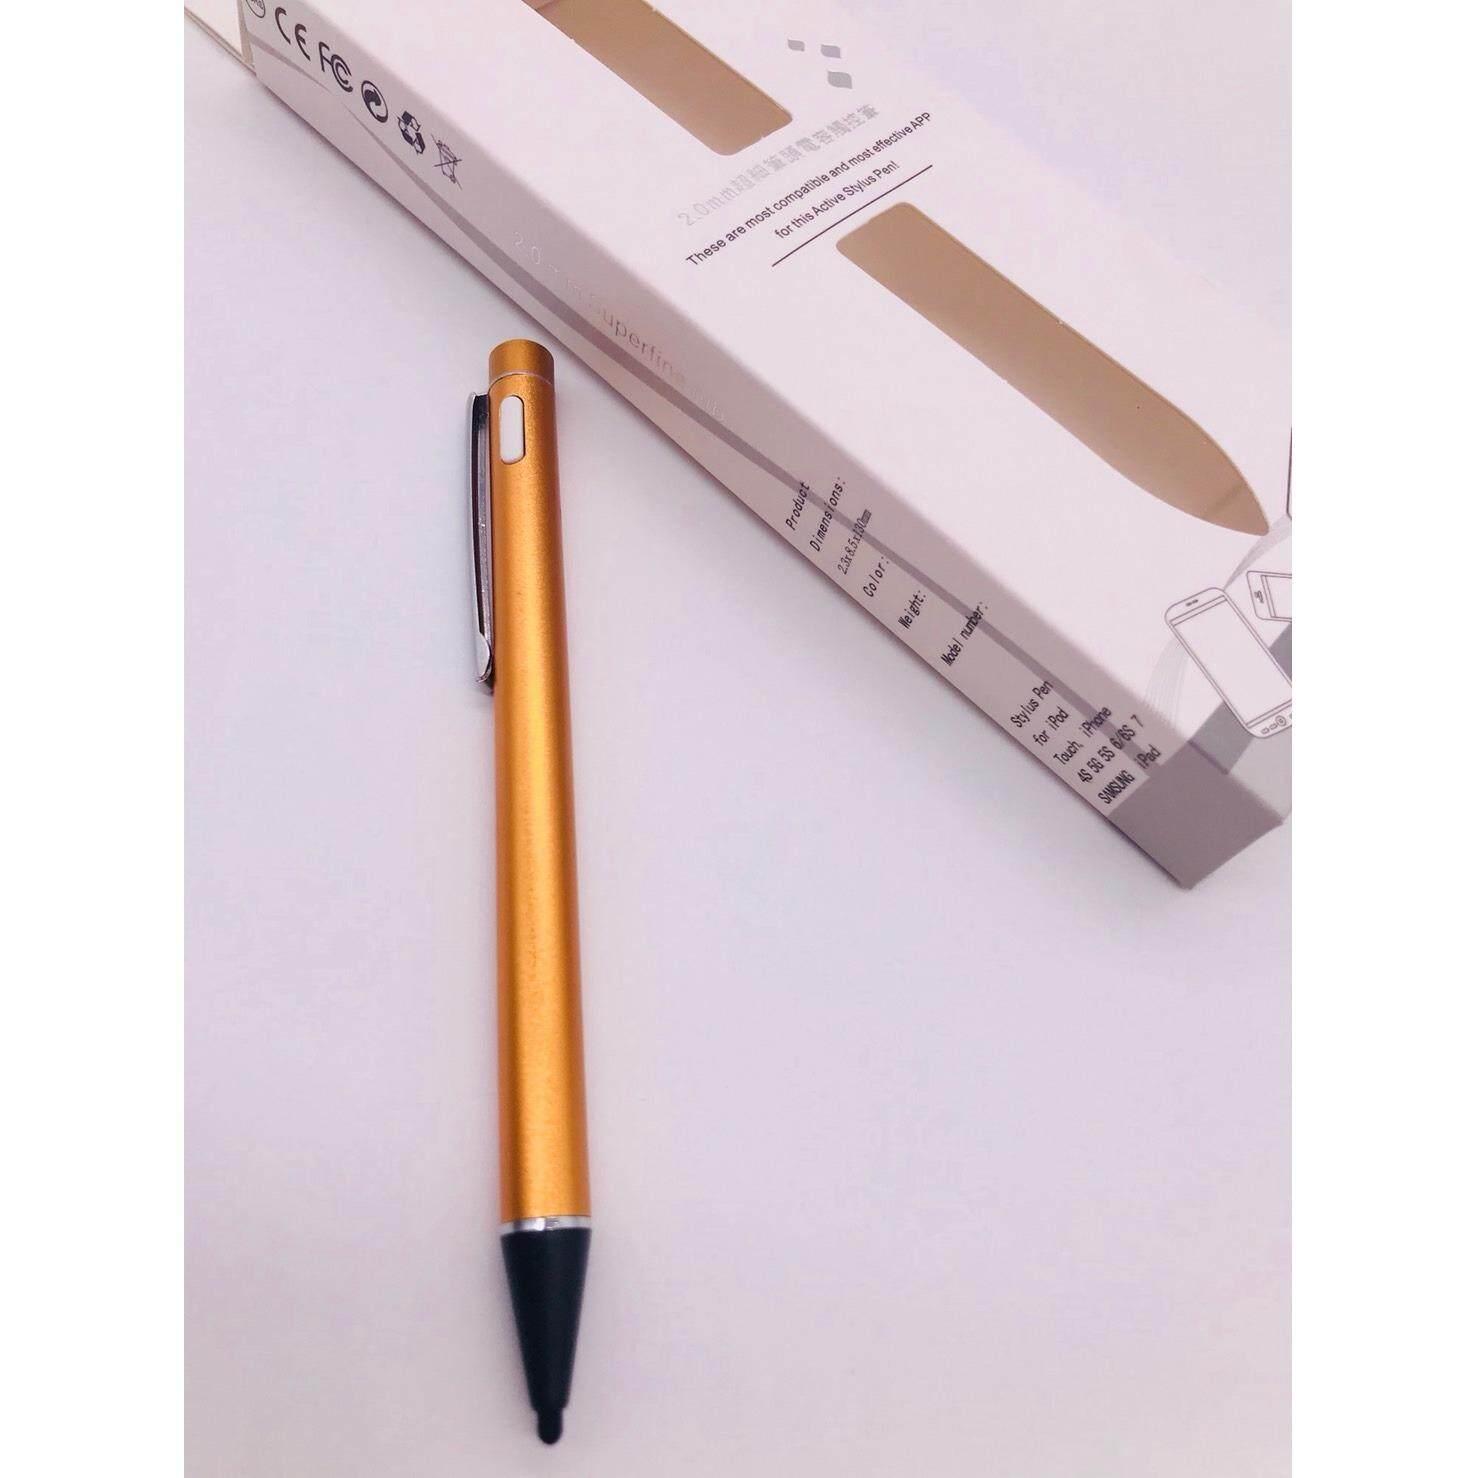 ปากกาใช้สำหรับเขียนหน้าจอ Samsung Tab ทุกรุ่น iPhone iPad ทุกรุ่น มีปุ่มปิด-เปิด(แถมหัวเปลี่ยน+สายชาร์จ)สีทอง